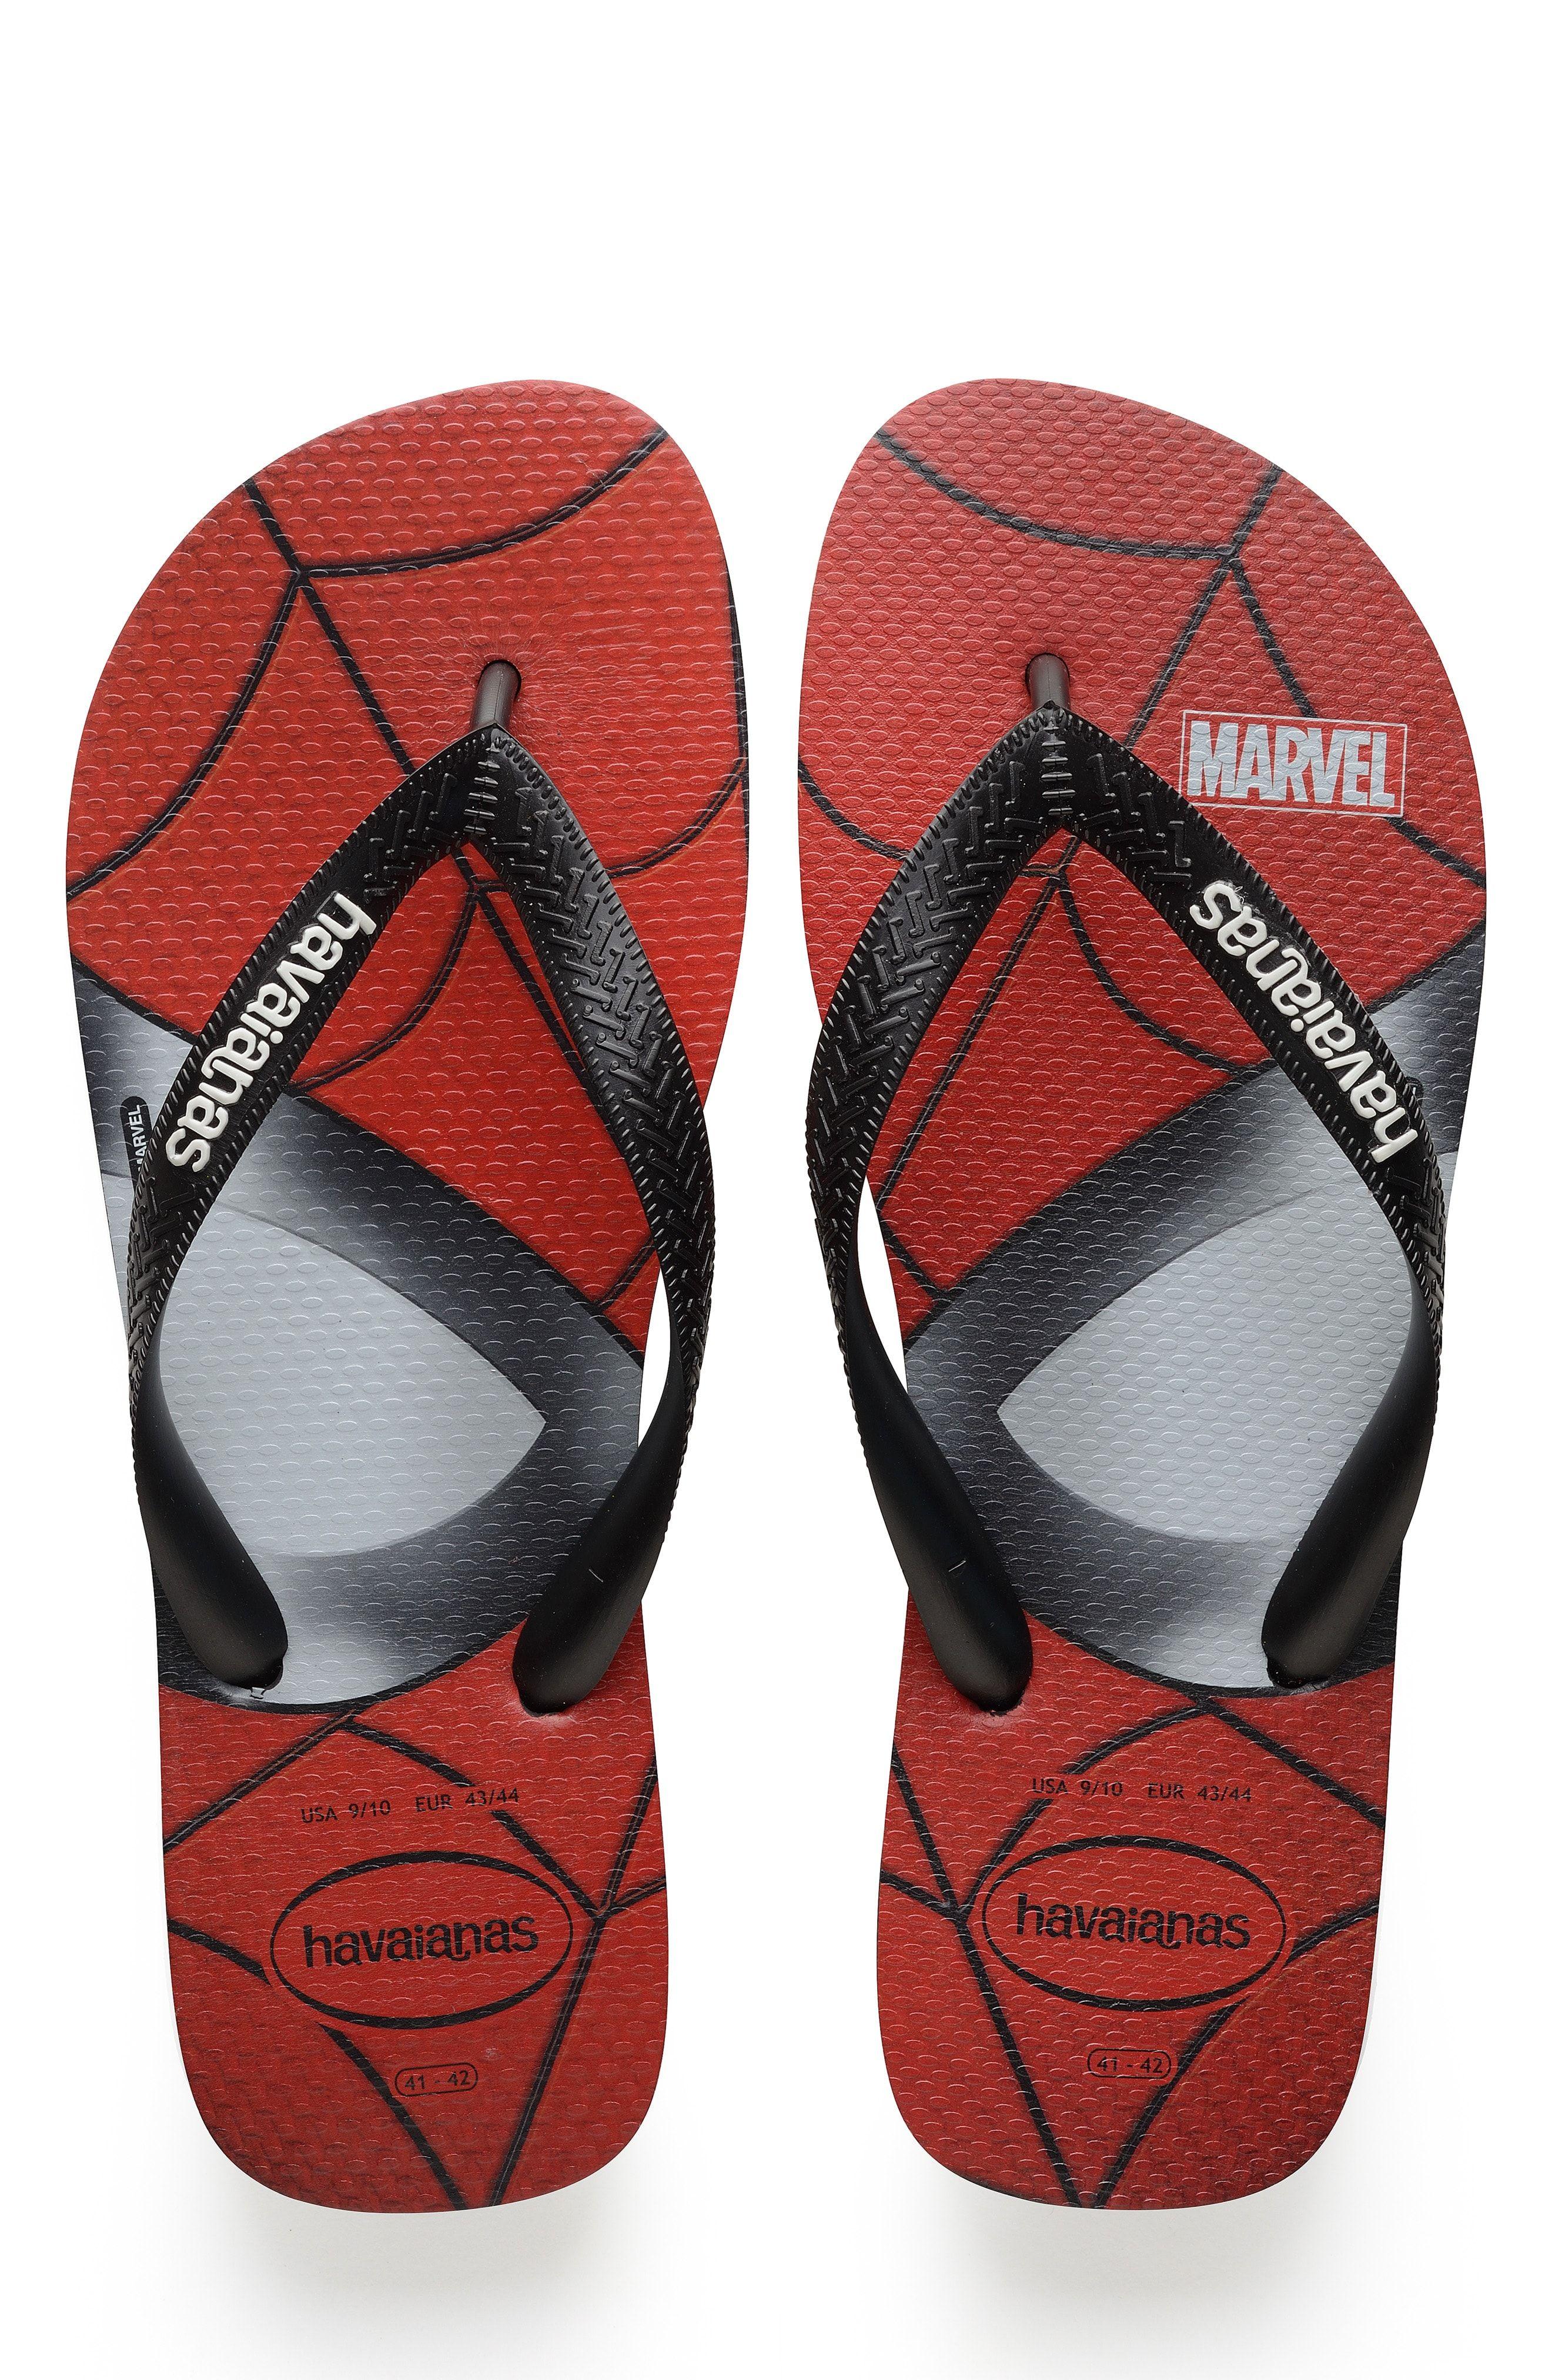 QUIKSILVER MEN/'S BLACK FLIP FLOP SANDALS RED WHITE GRAPHICS RUBBER SOLE size 12